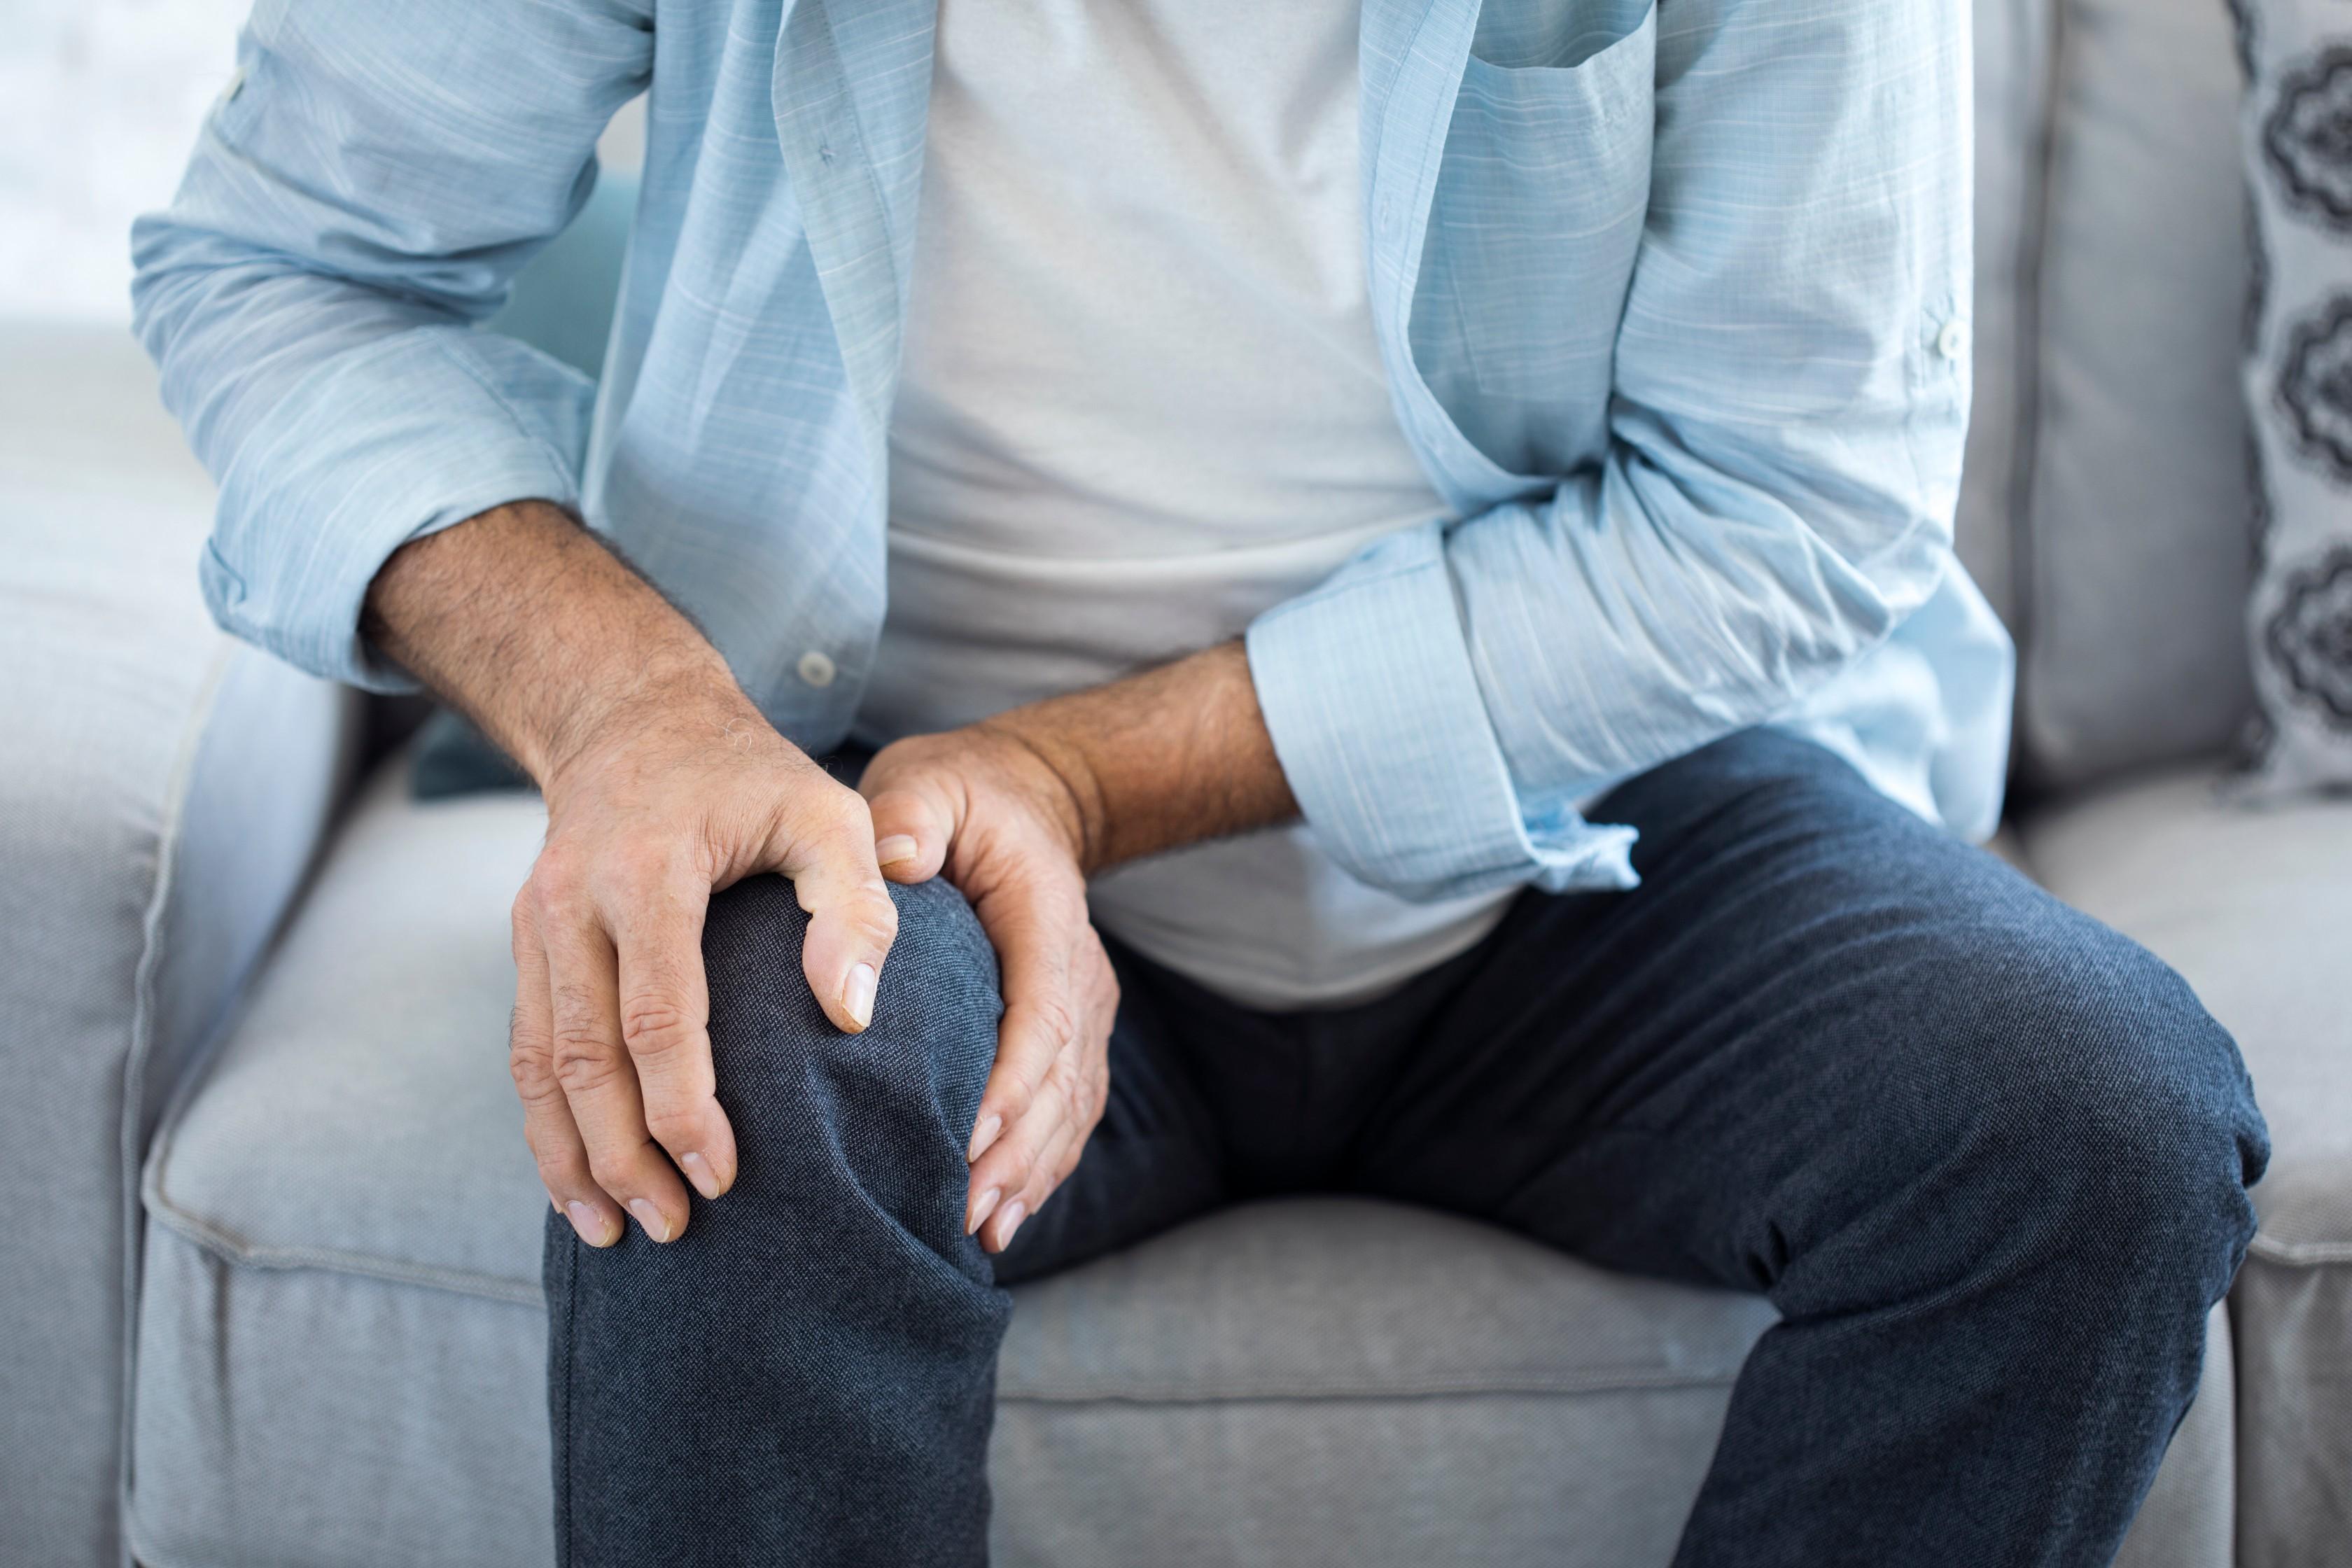 allergia izületi fájdalom az ízületek és a gerinc fájdalmaitól